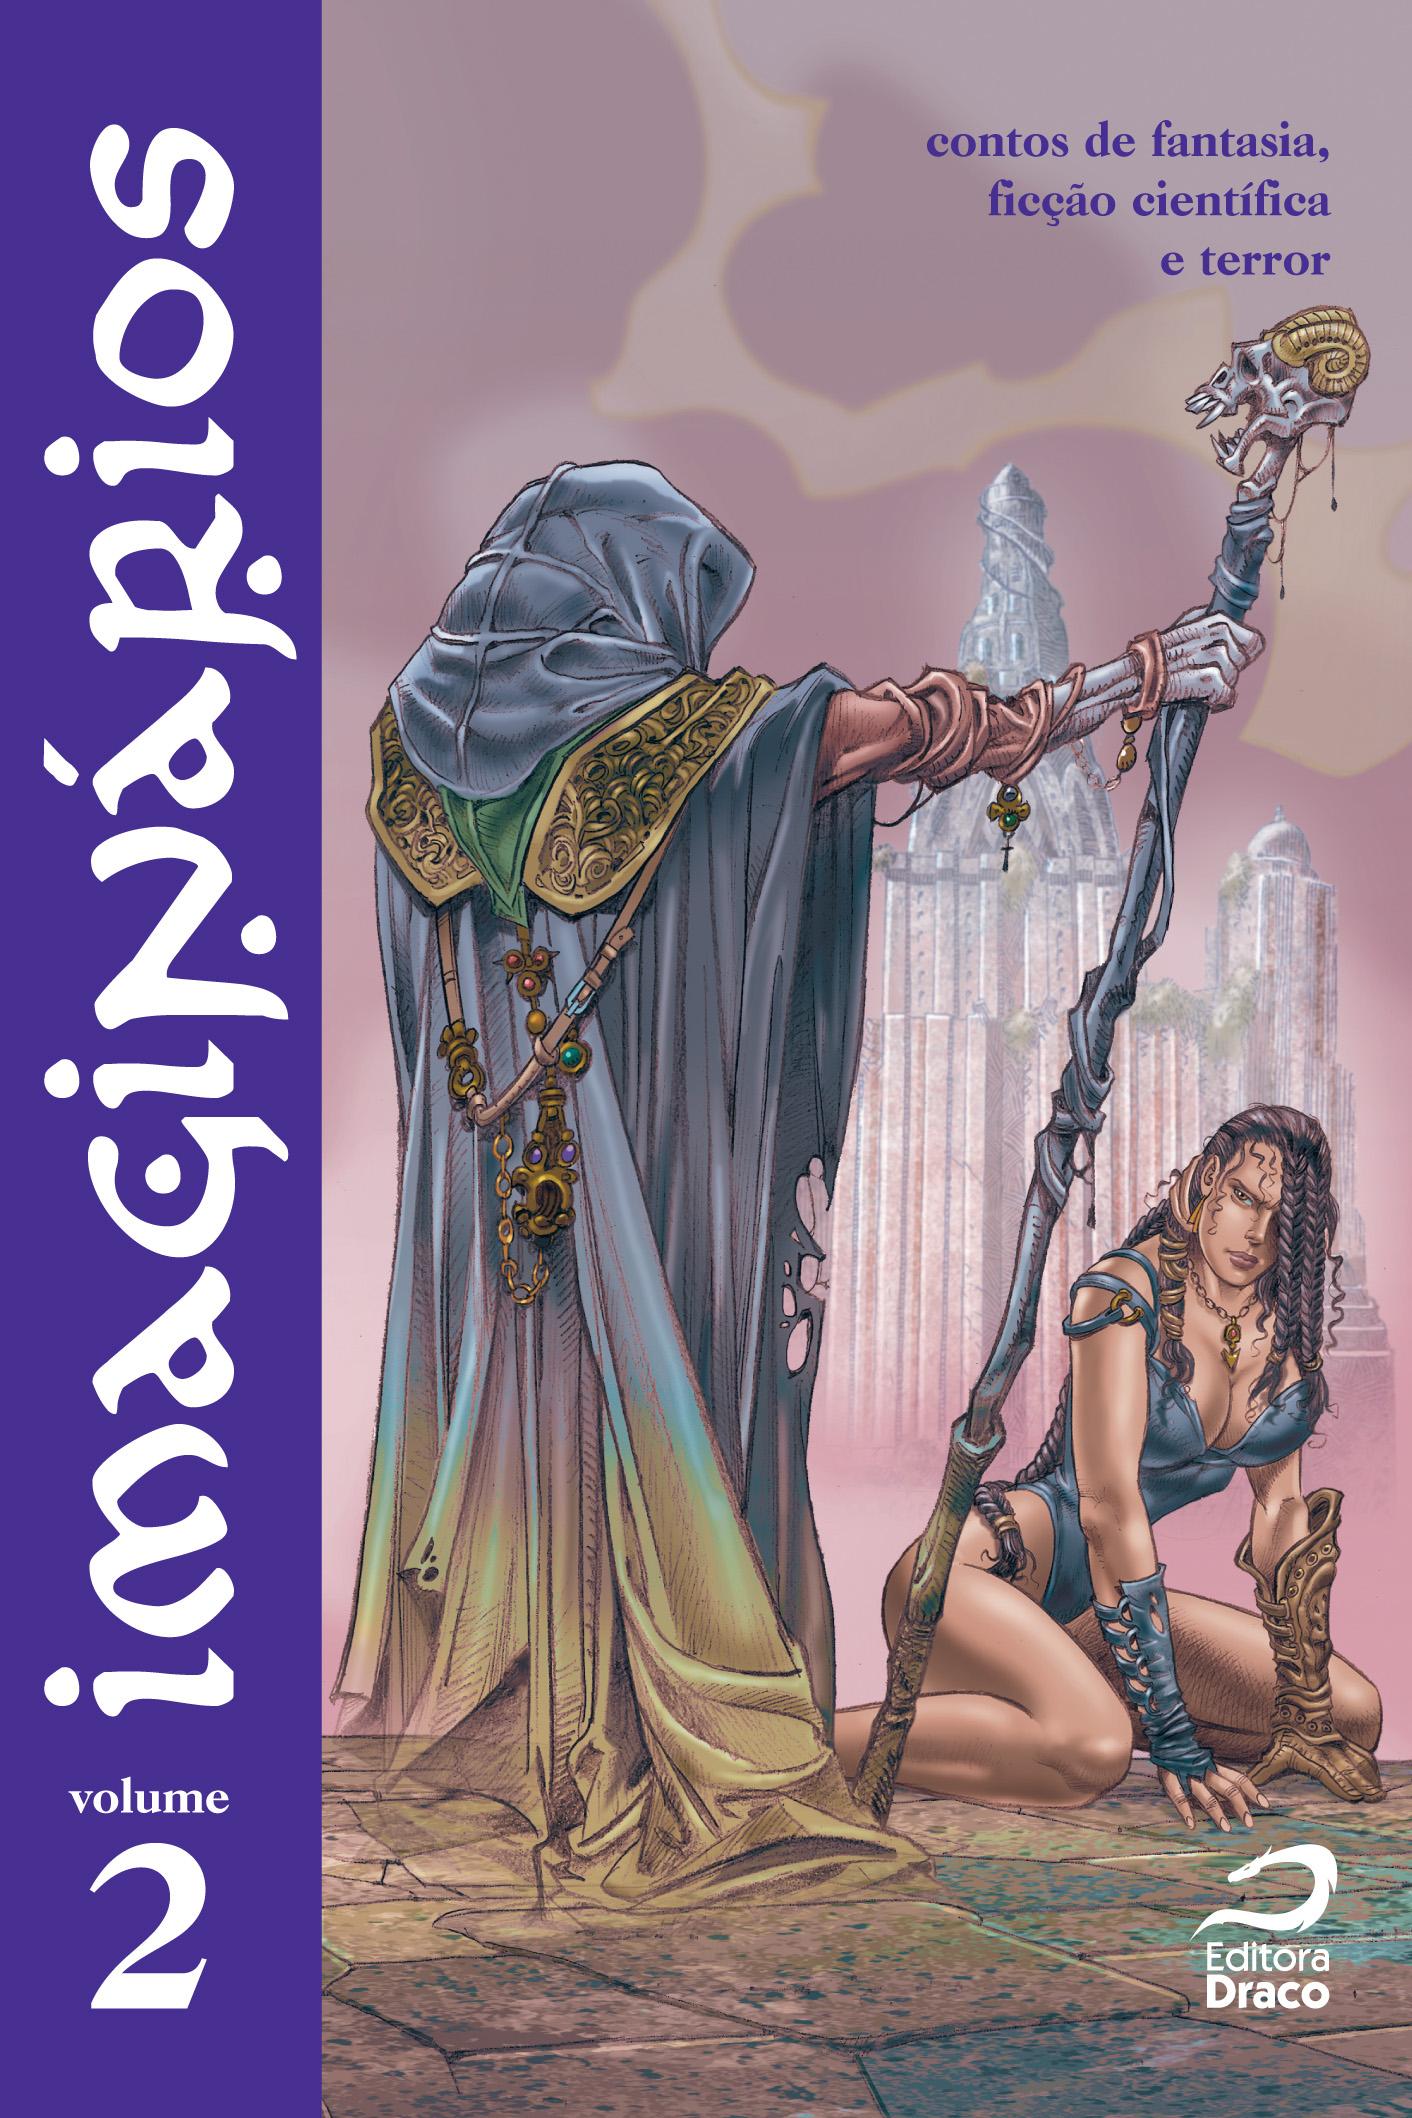 Photo of Imaginários Volume 2: Draco traz lobisomens e zumbis para dar uma folguinha aos alienígenas! [Livro]